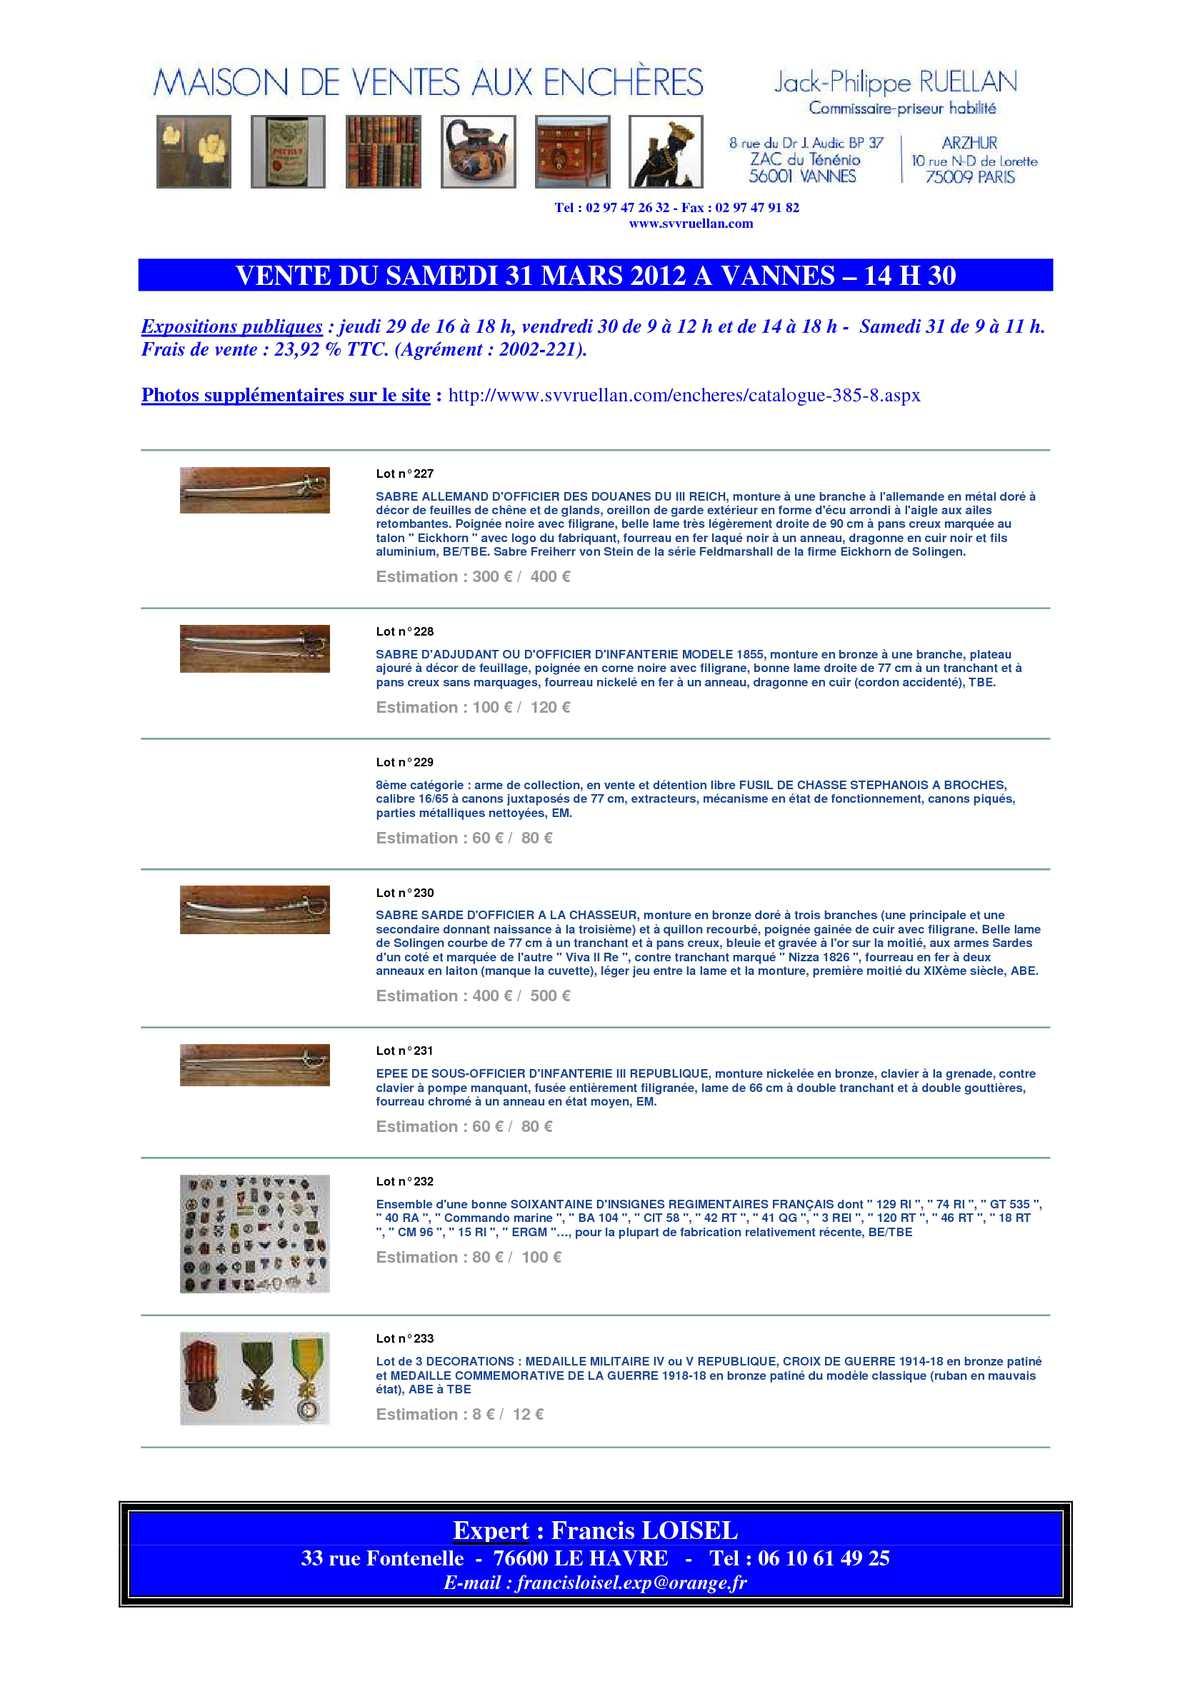 calam o francis loisel expert vente aux ench res vannes le 31 mars 2012 quelques armes. Black Bedroom Furniture Sets. Home Design Ideas